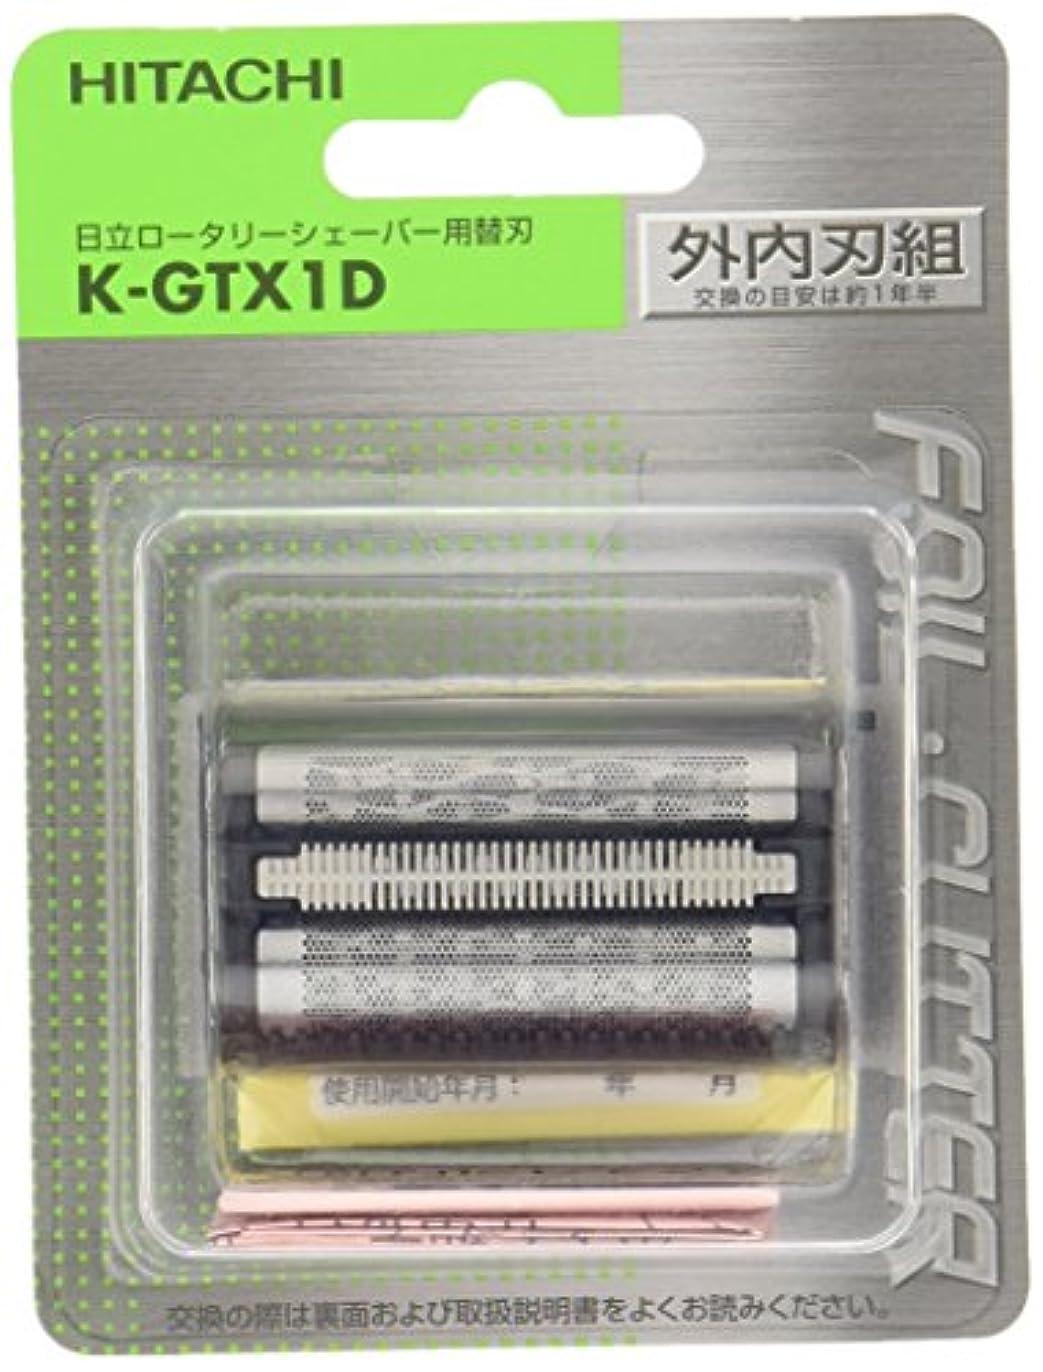 ダッシュ乱用スラム日立 メンズシェーバー替刃(外刃?内刃) K-GTX1D